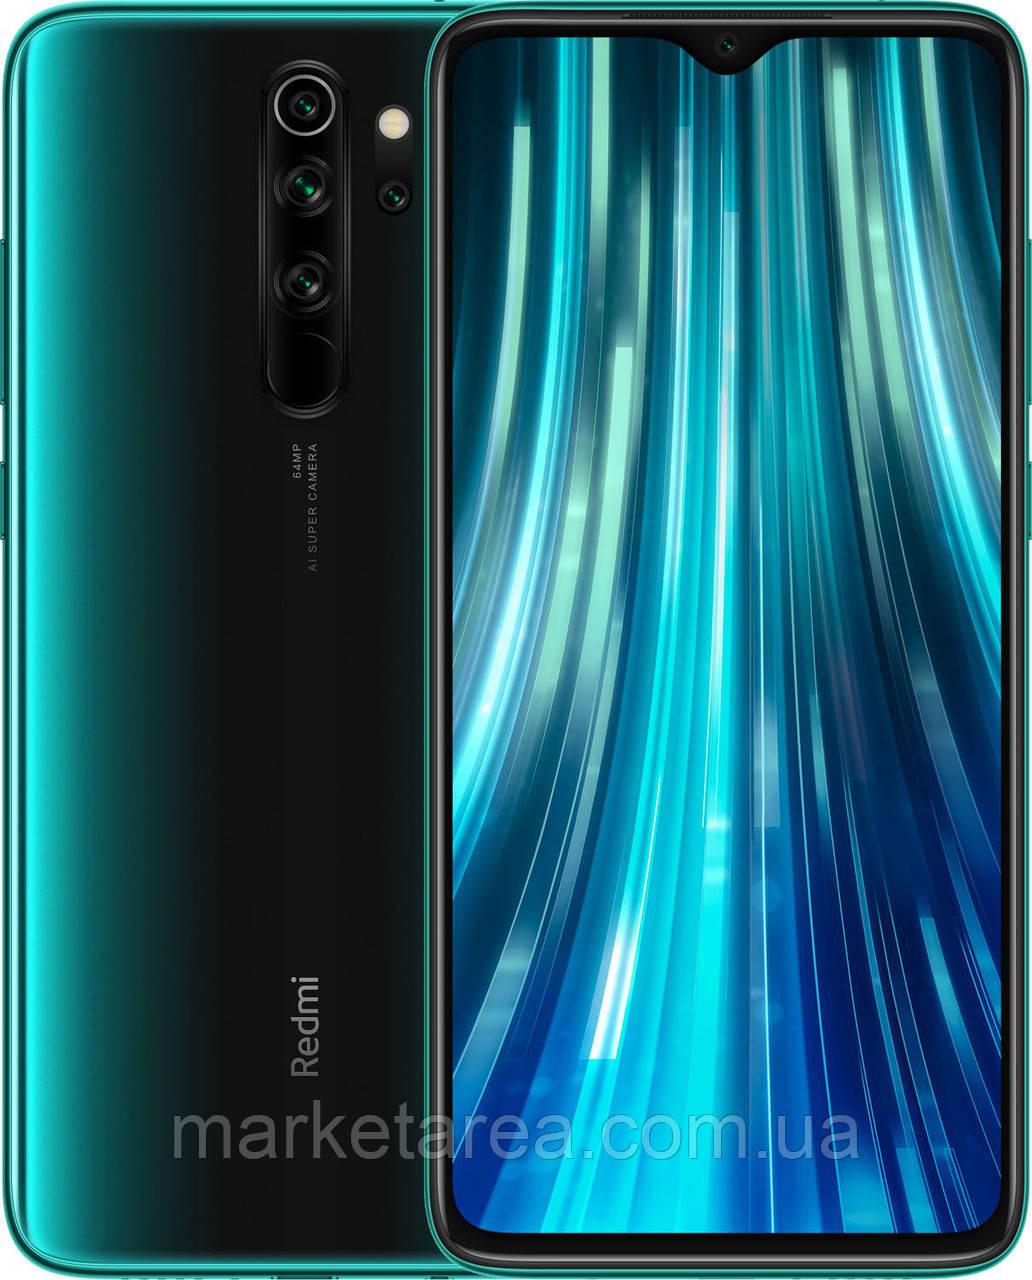 Смартфон зеленый с мощной батареей на 2 симки Xiaomi Redmi Note 8 Pro 6/128 гб Forest Green ЕВРОПА